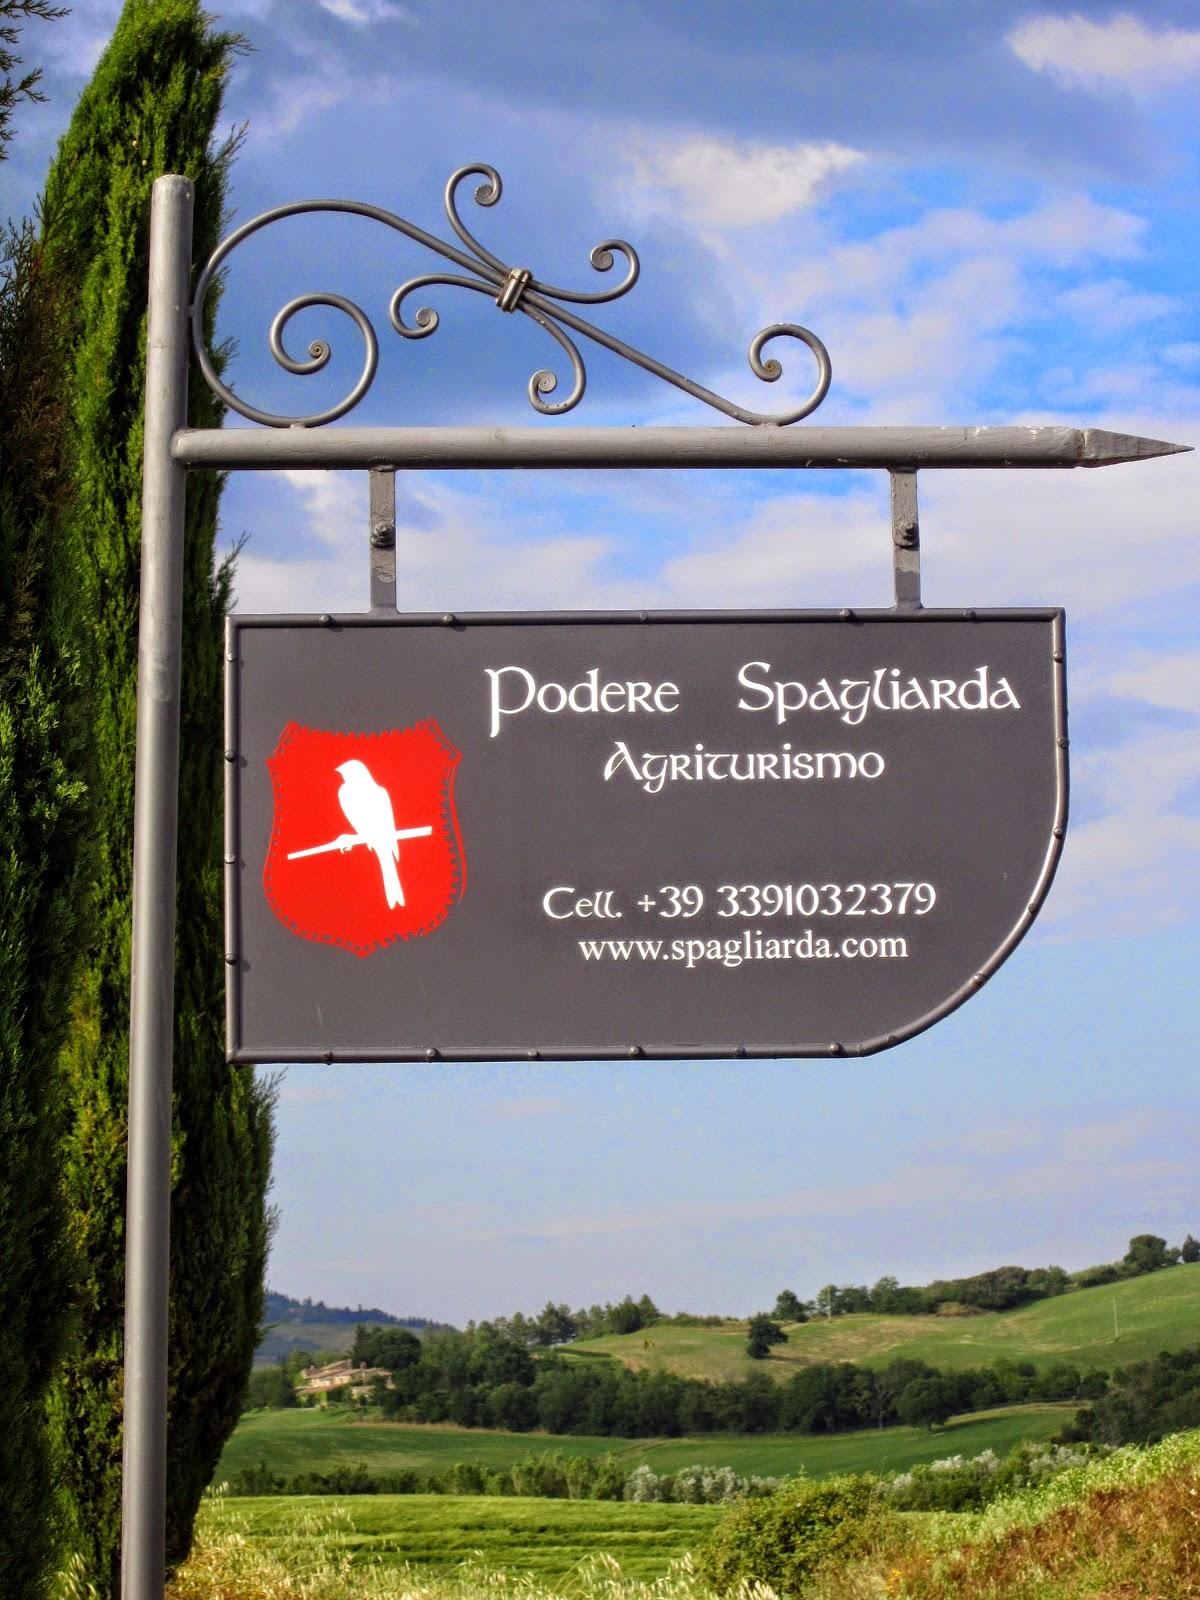 Agriturismo Villa Bagno Reggio Emilia 28 Images Agriturismo